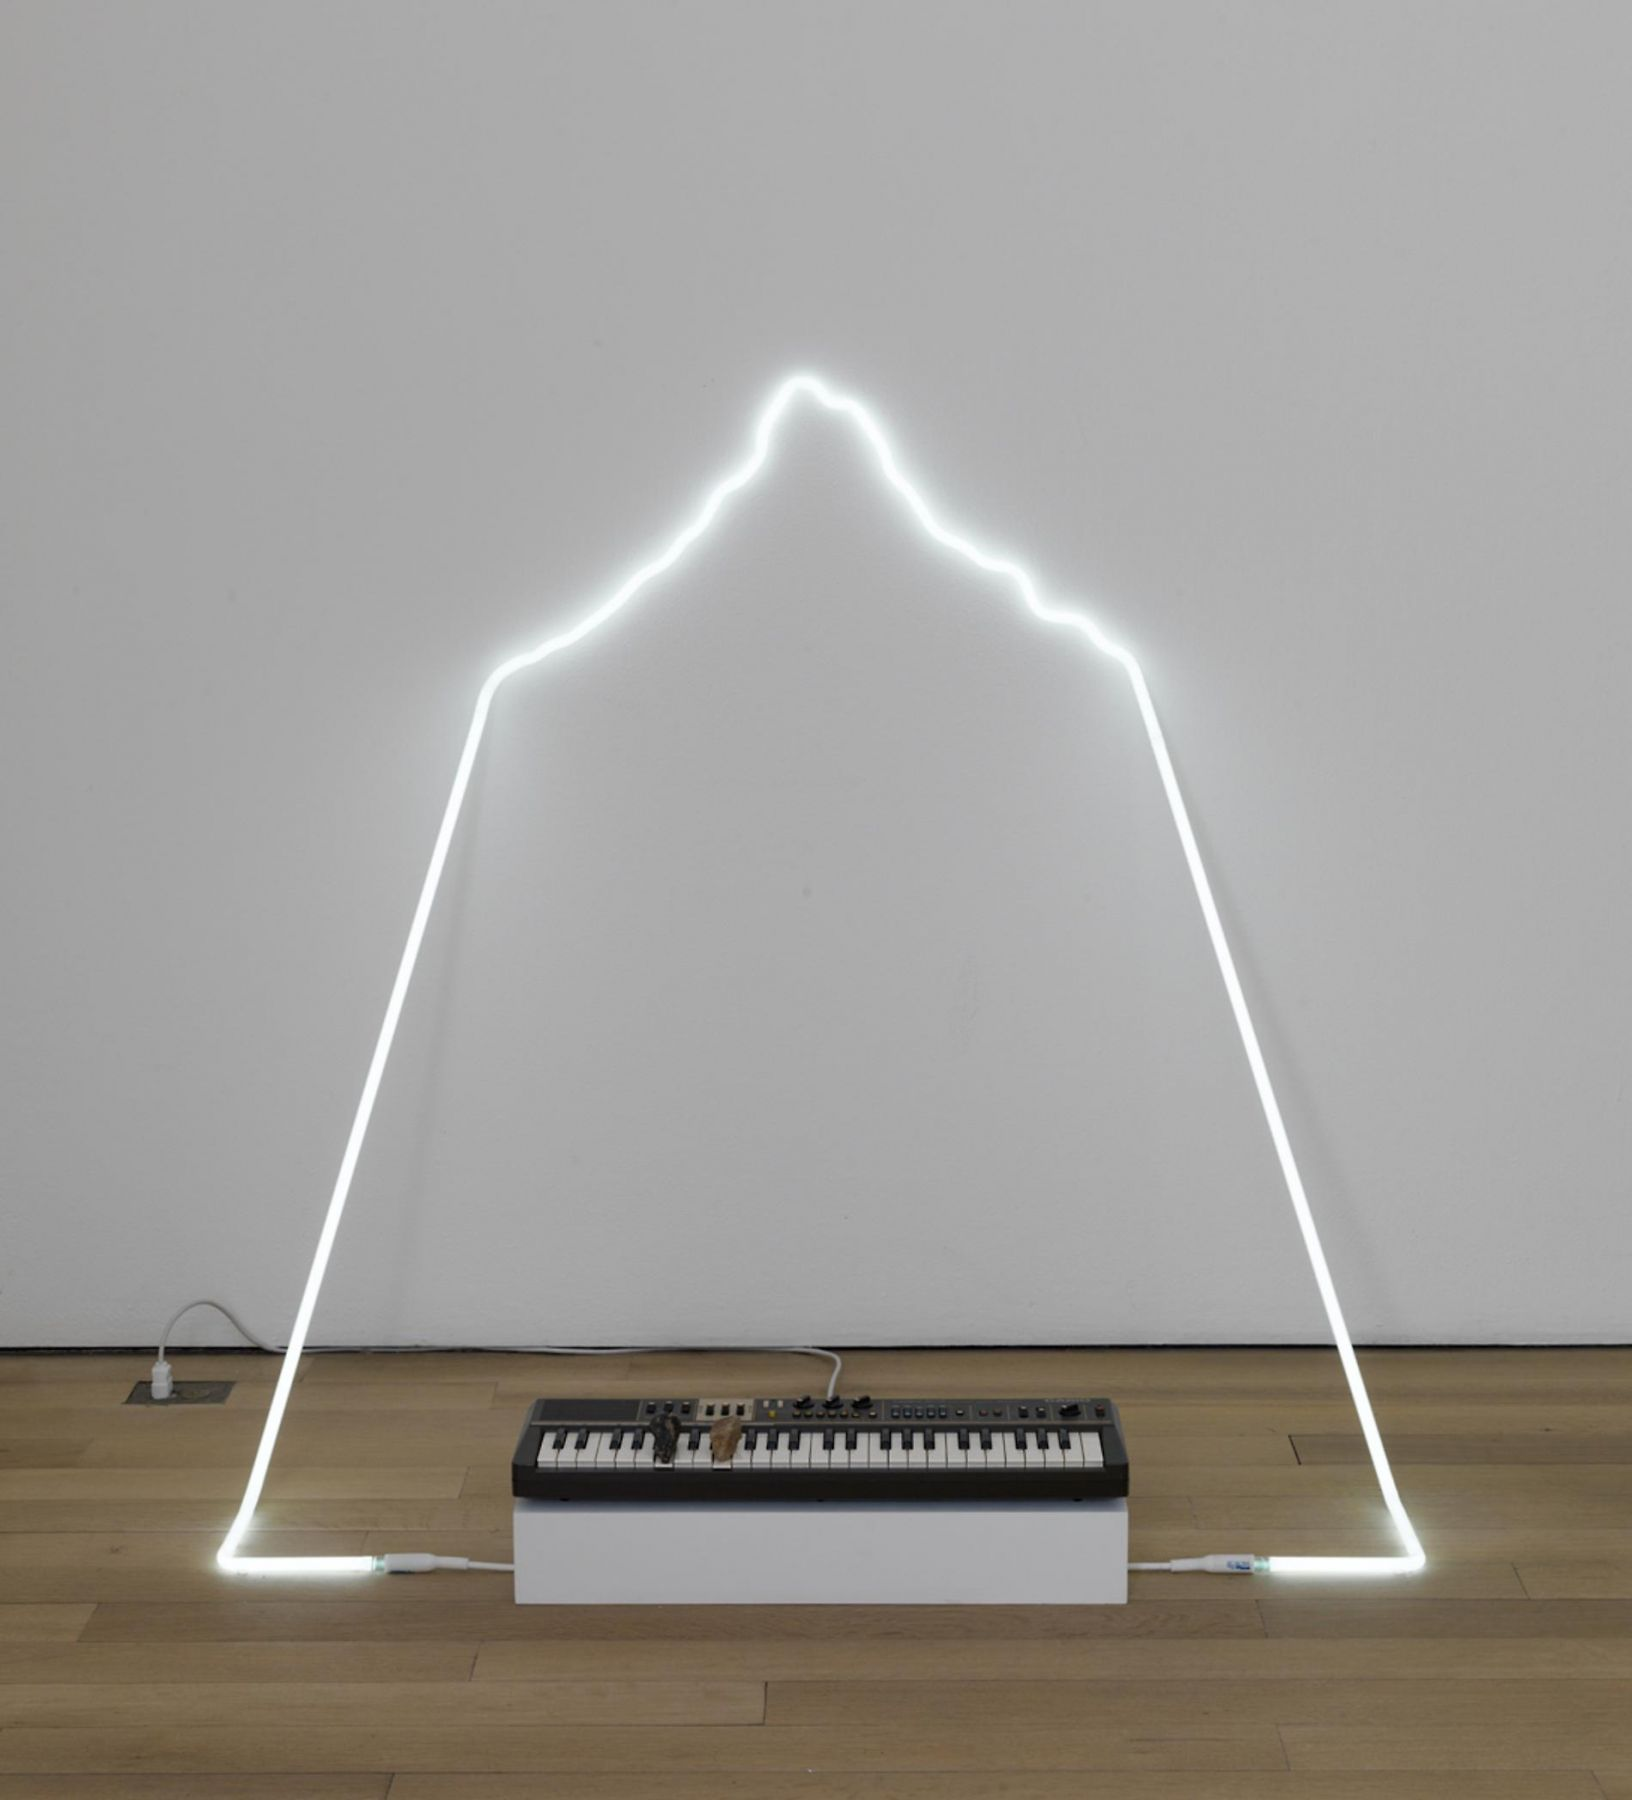 , RICHARD T. WALKER in defiance of being here #3, 2014 Neon, Casiotone MT-68 keyboard, rocks 29 x 66 x 71 in. (73.7 x 167.6 x 180.3 cm)